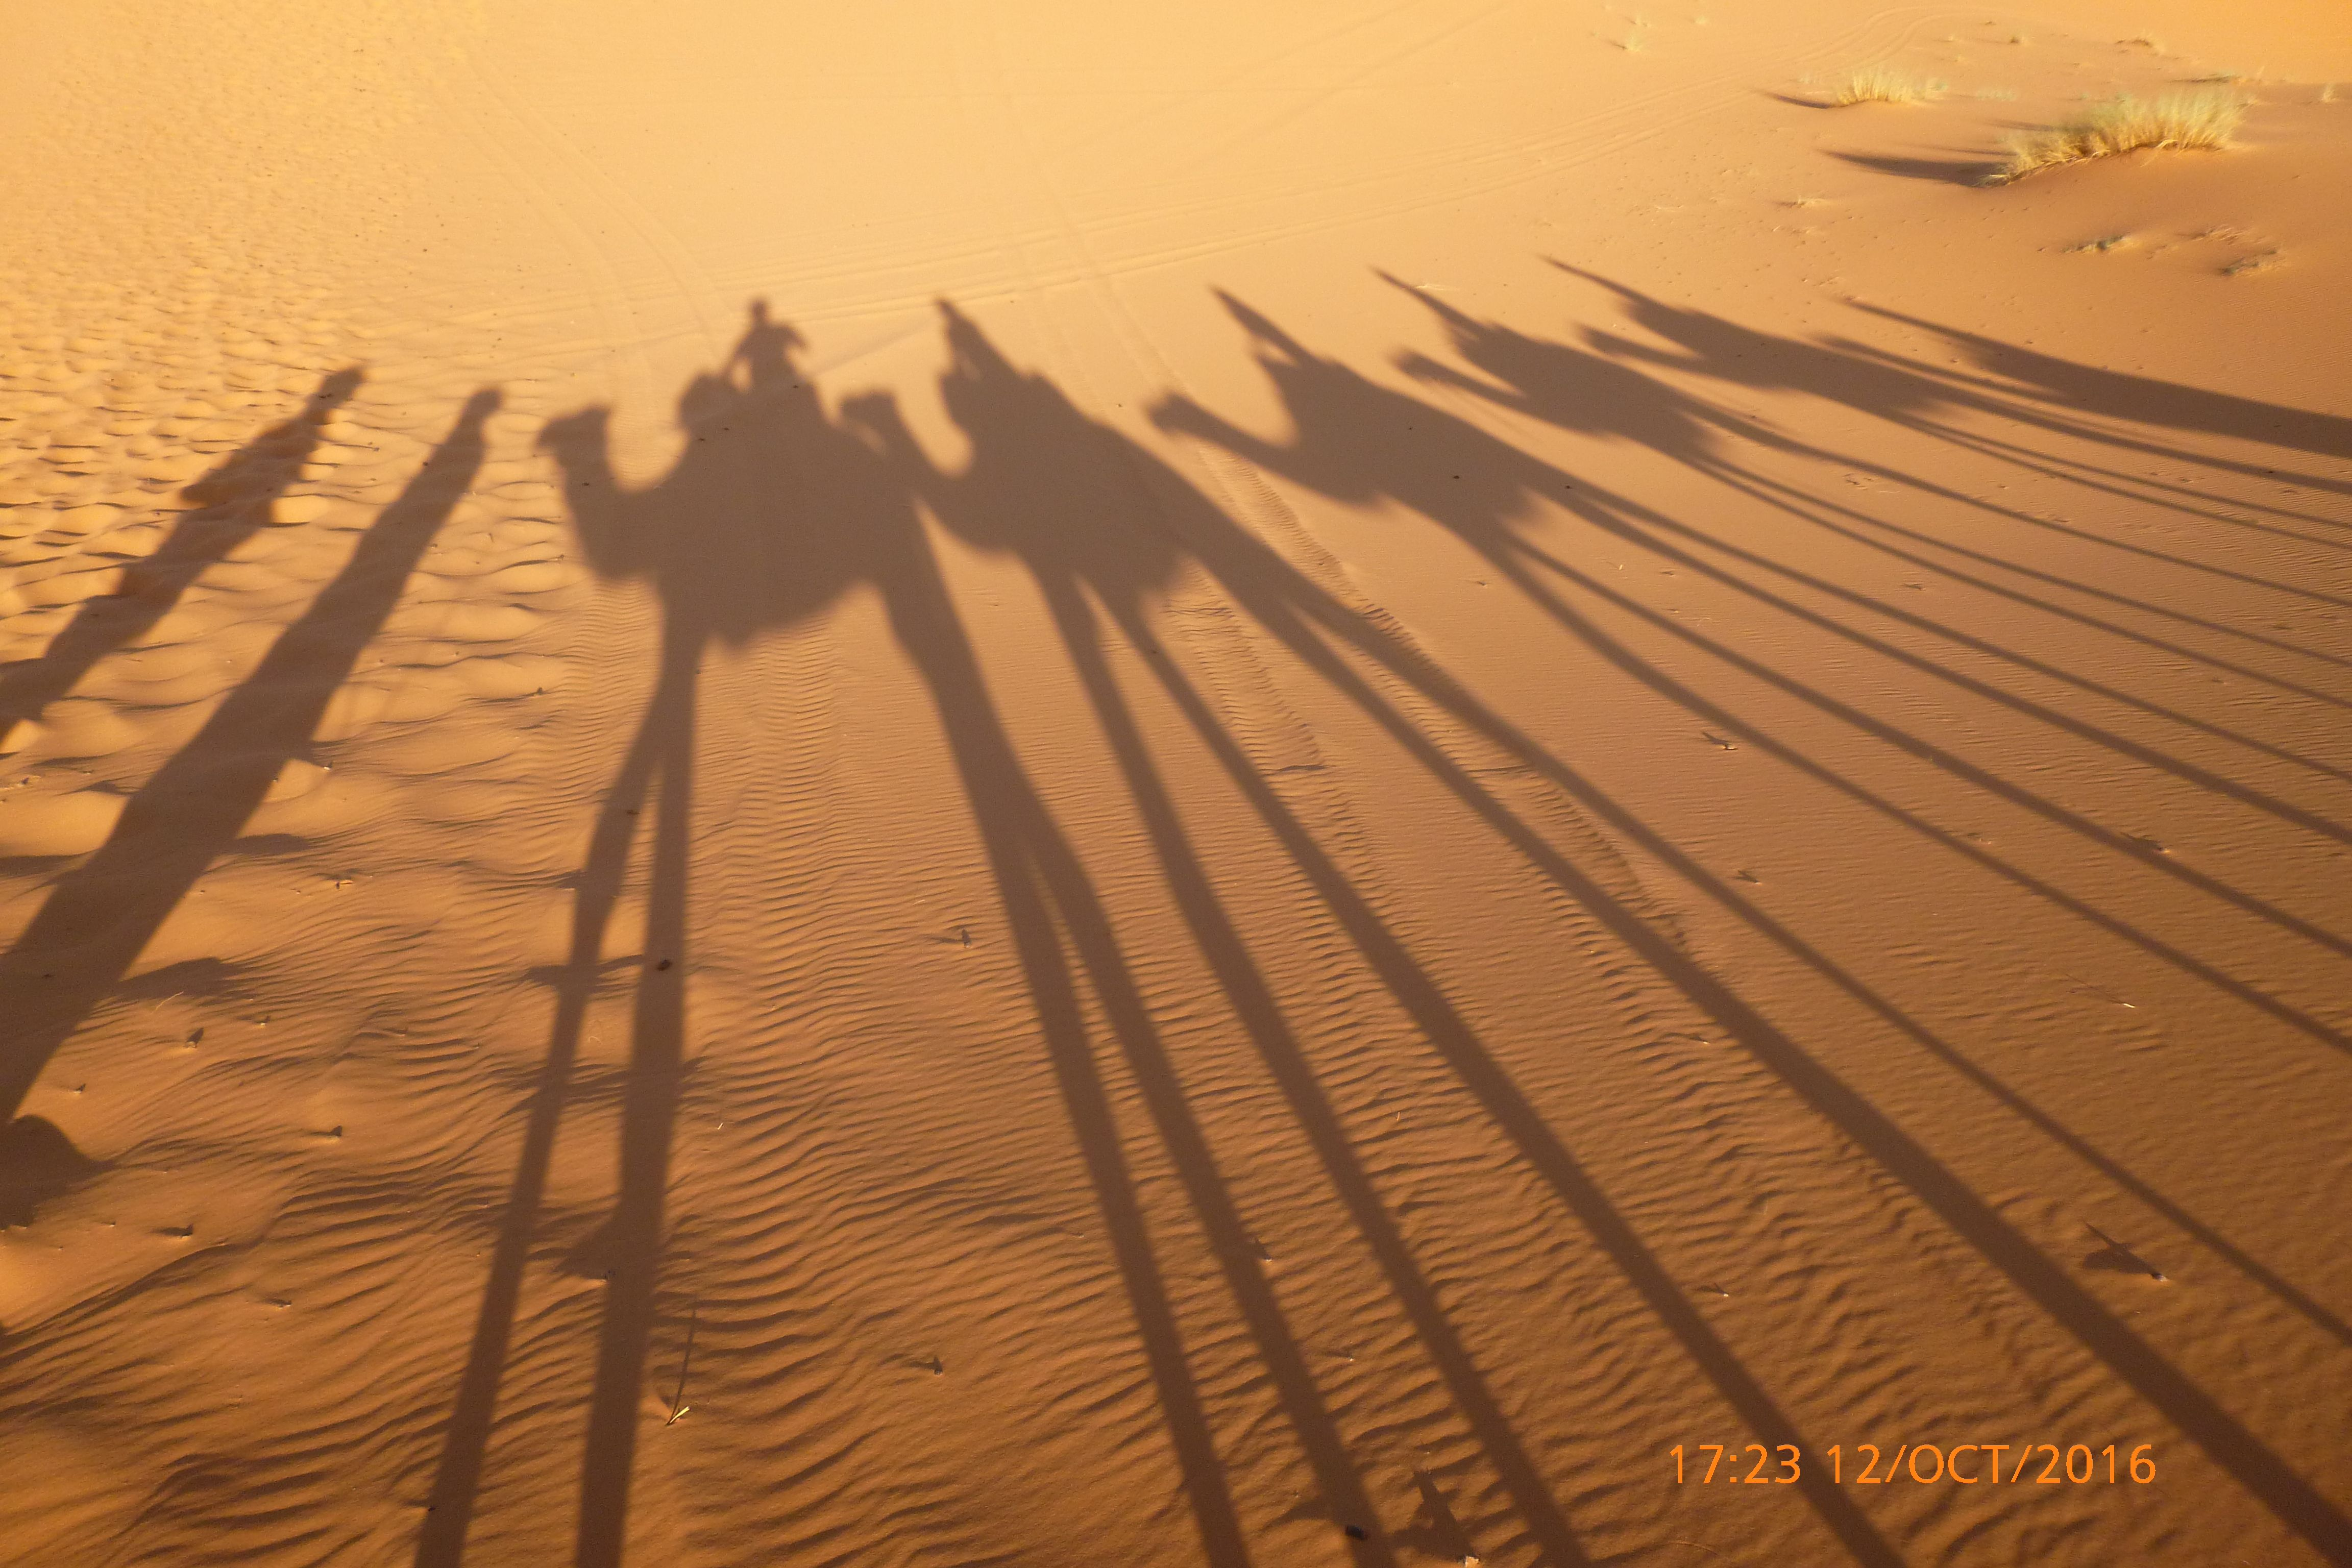 Caravana en el desierto de Merzouga, Marruecos